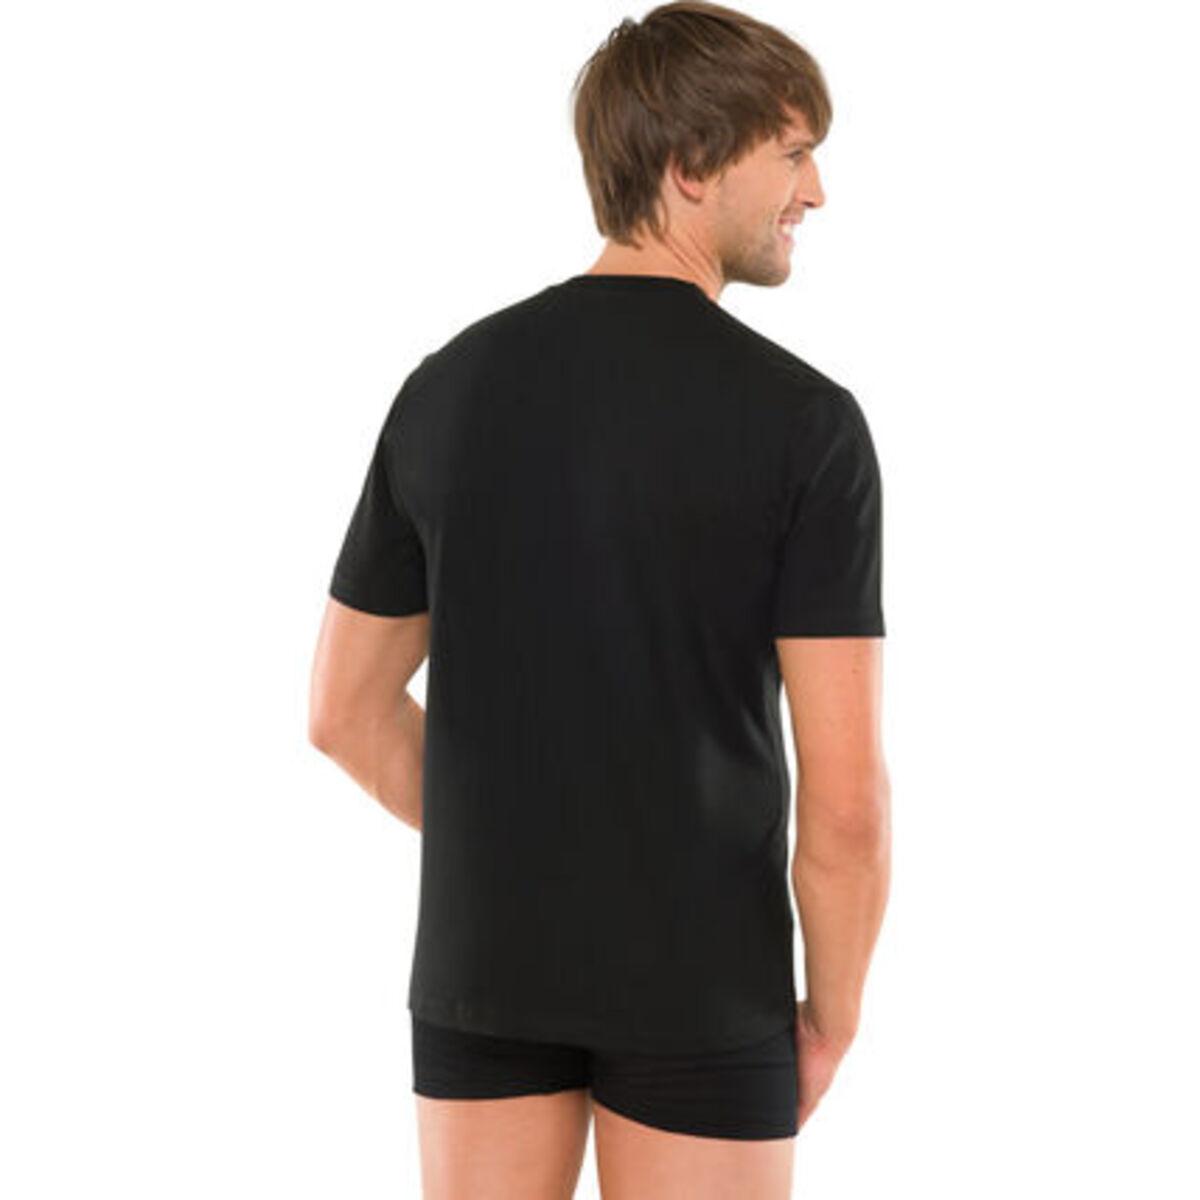 """Bild 2 von Schiesser Herren American T-Shirt """"008150-000"""", 2er-Pack, schwarz, M"""